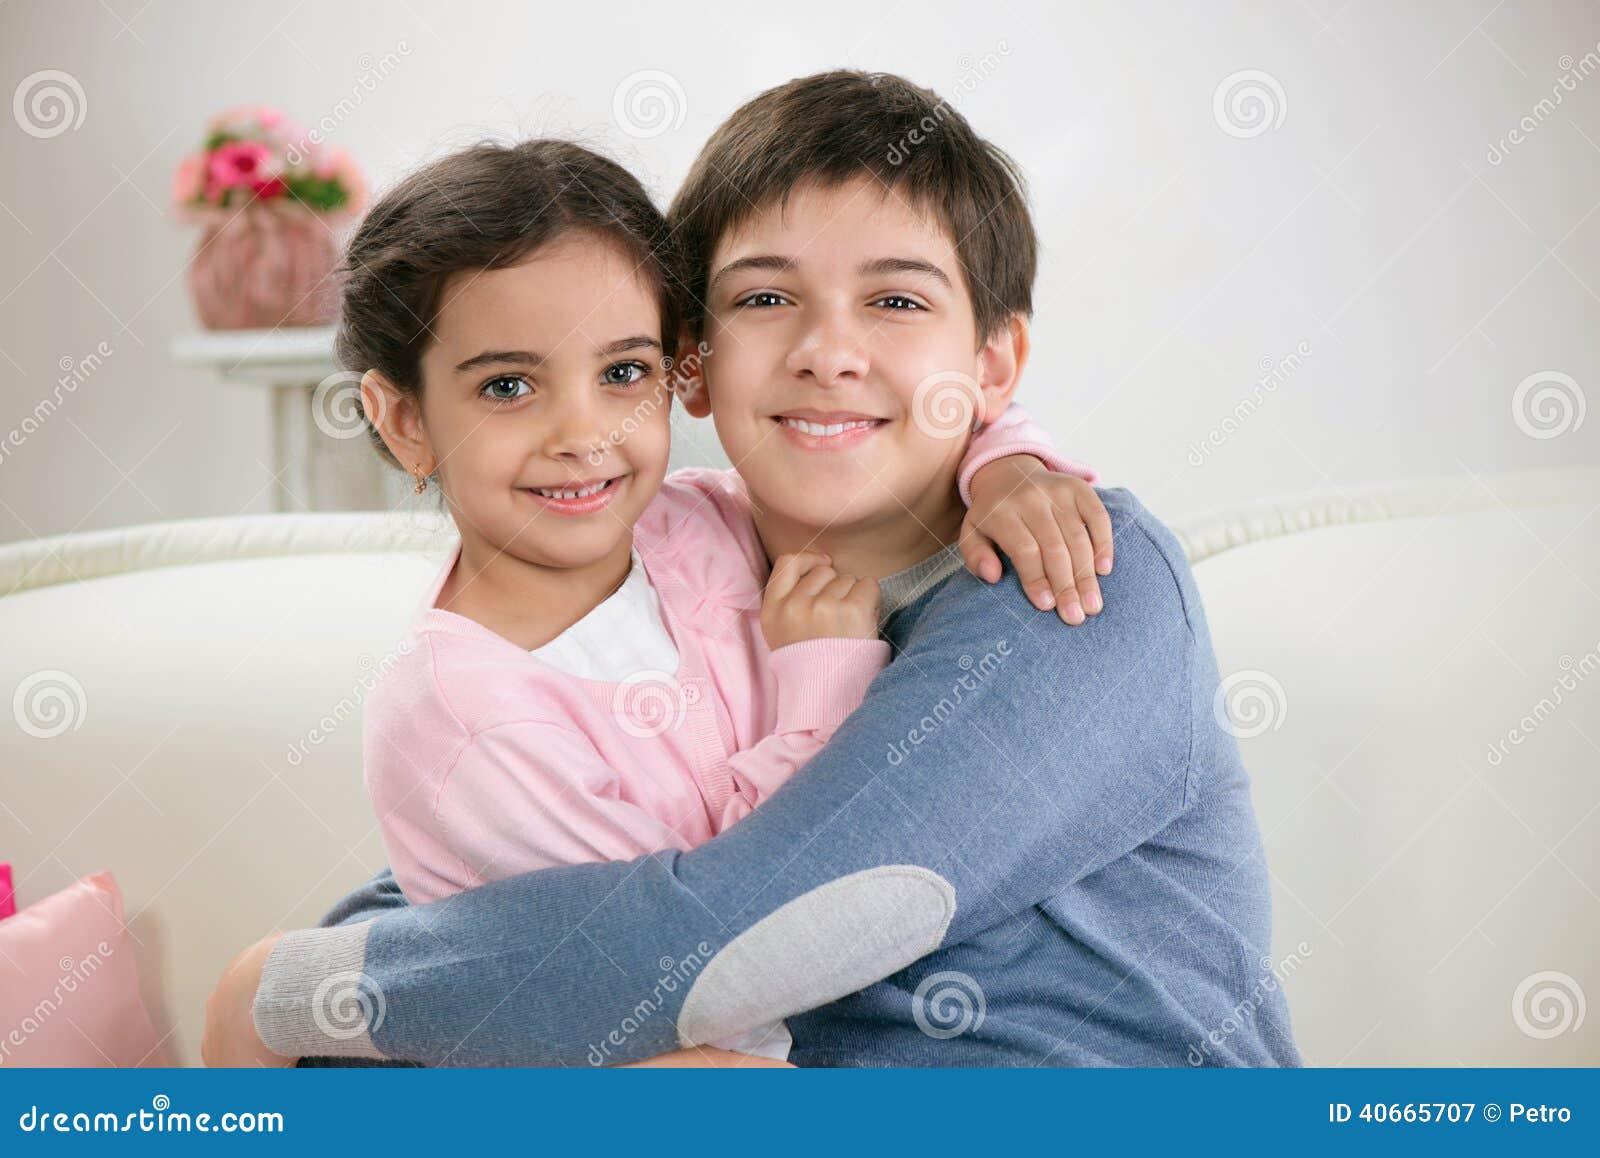 Секс истории брат и двоюродная сестра, Эротические рассказы Моя двоюродная сестренка 26 фотография